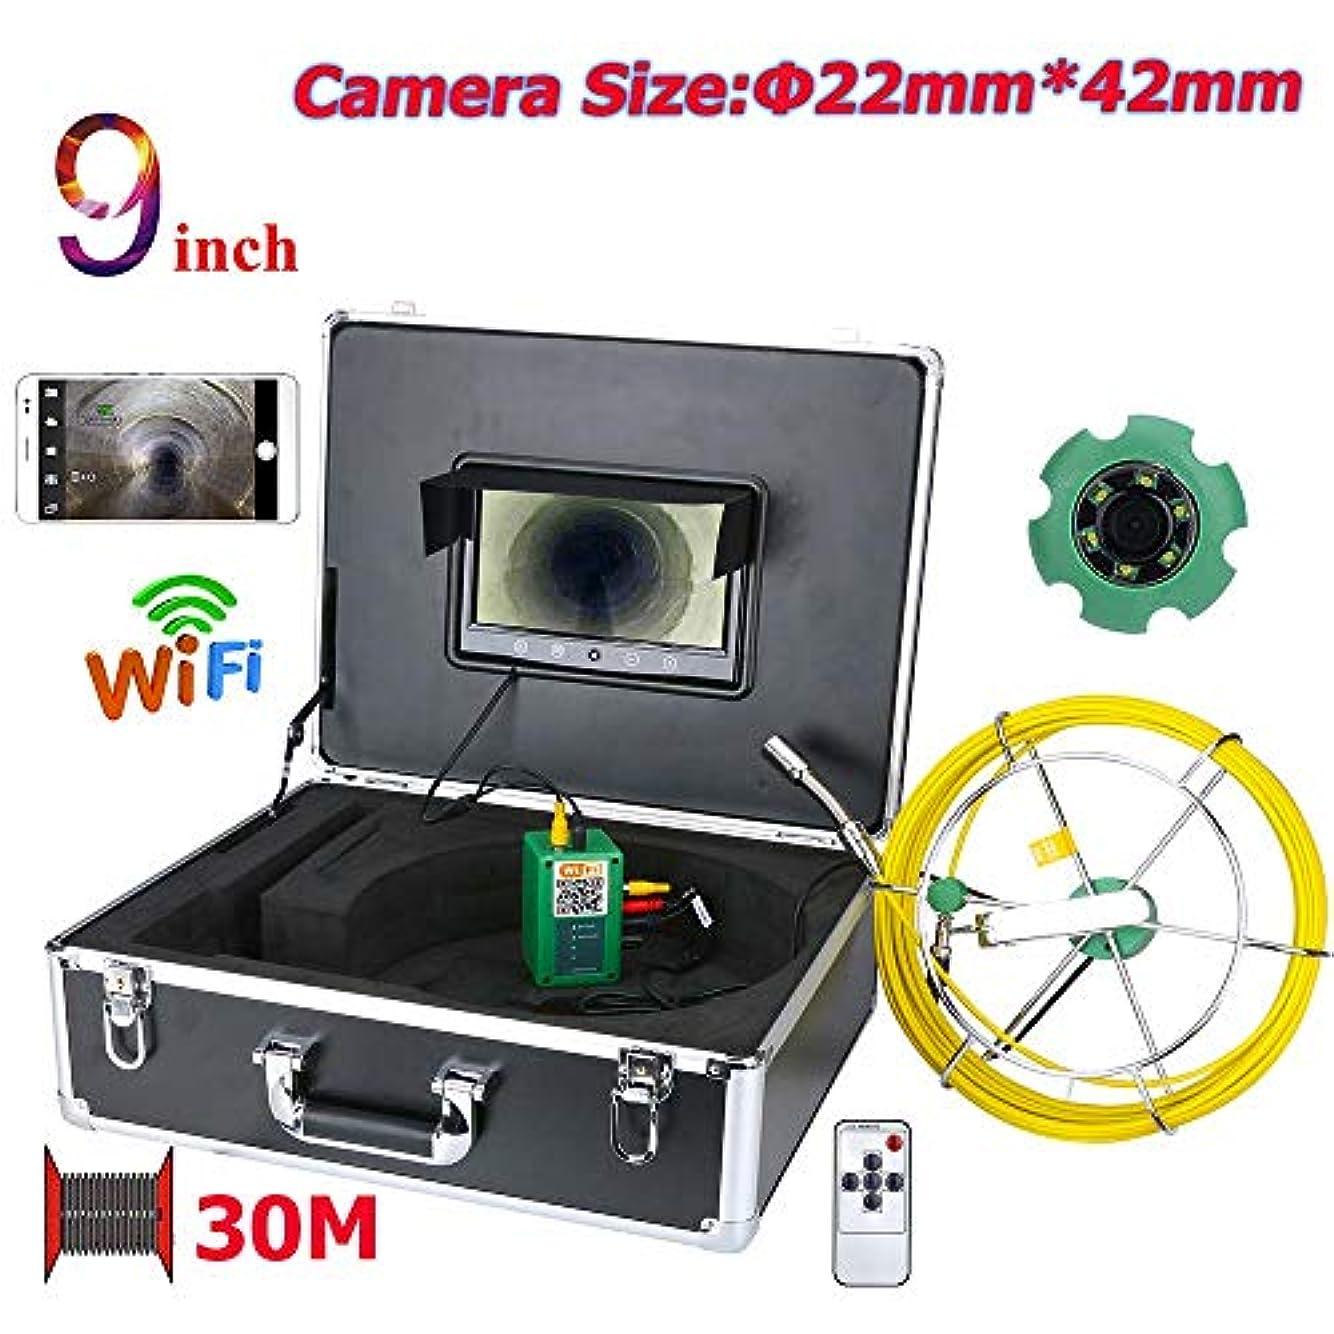 歌詞無条件弁護9インチWiFi 22 mm工業用パイプシステムIP68防水1000 TVLカメラAPP撮影写真ビデオ録画,30M